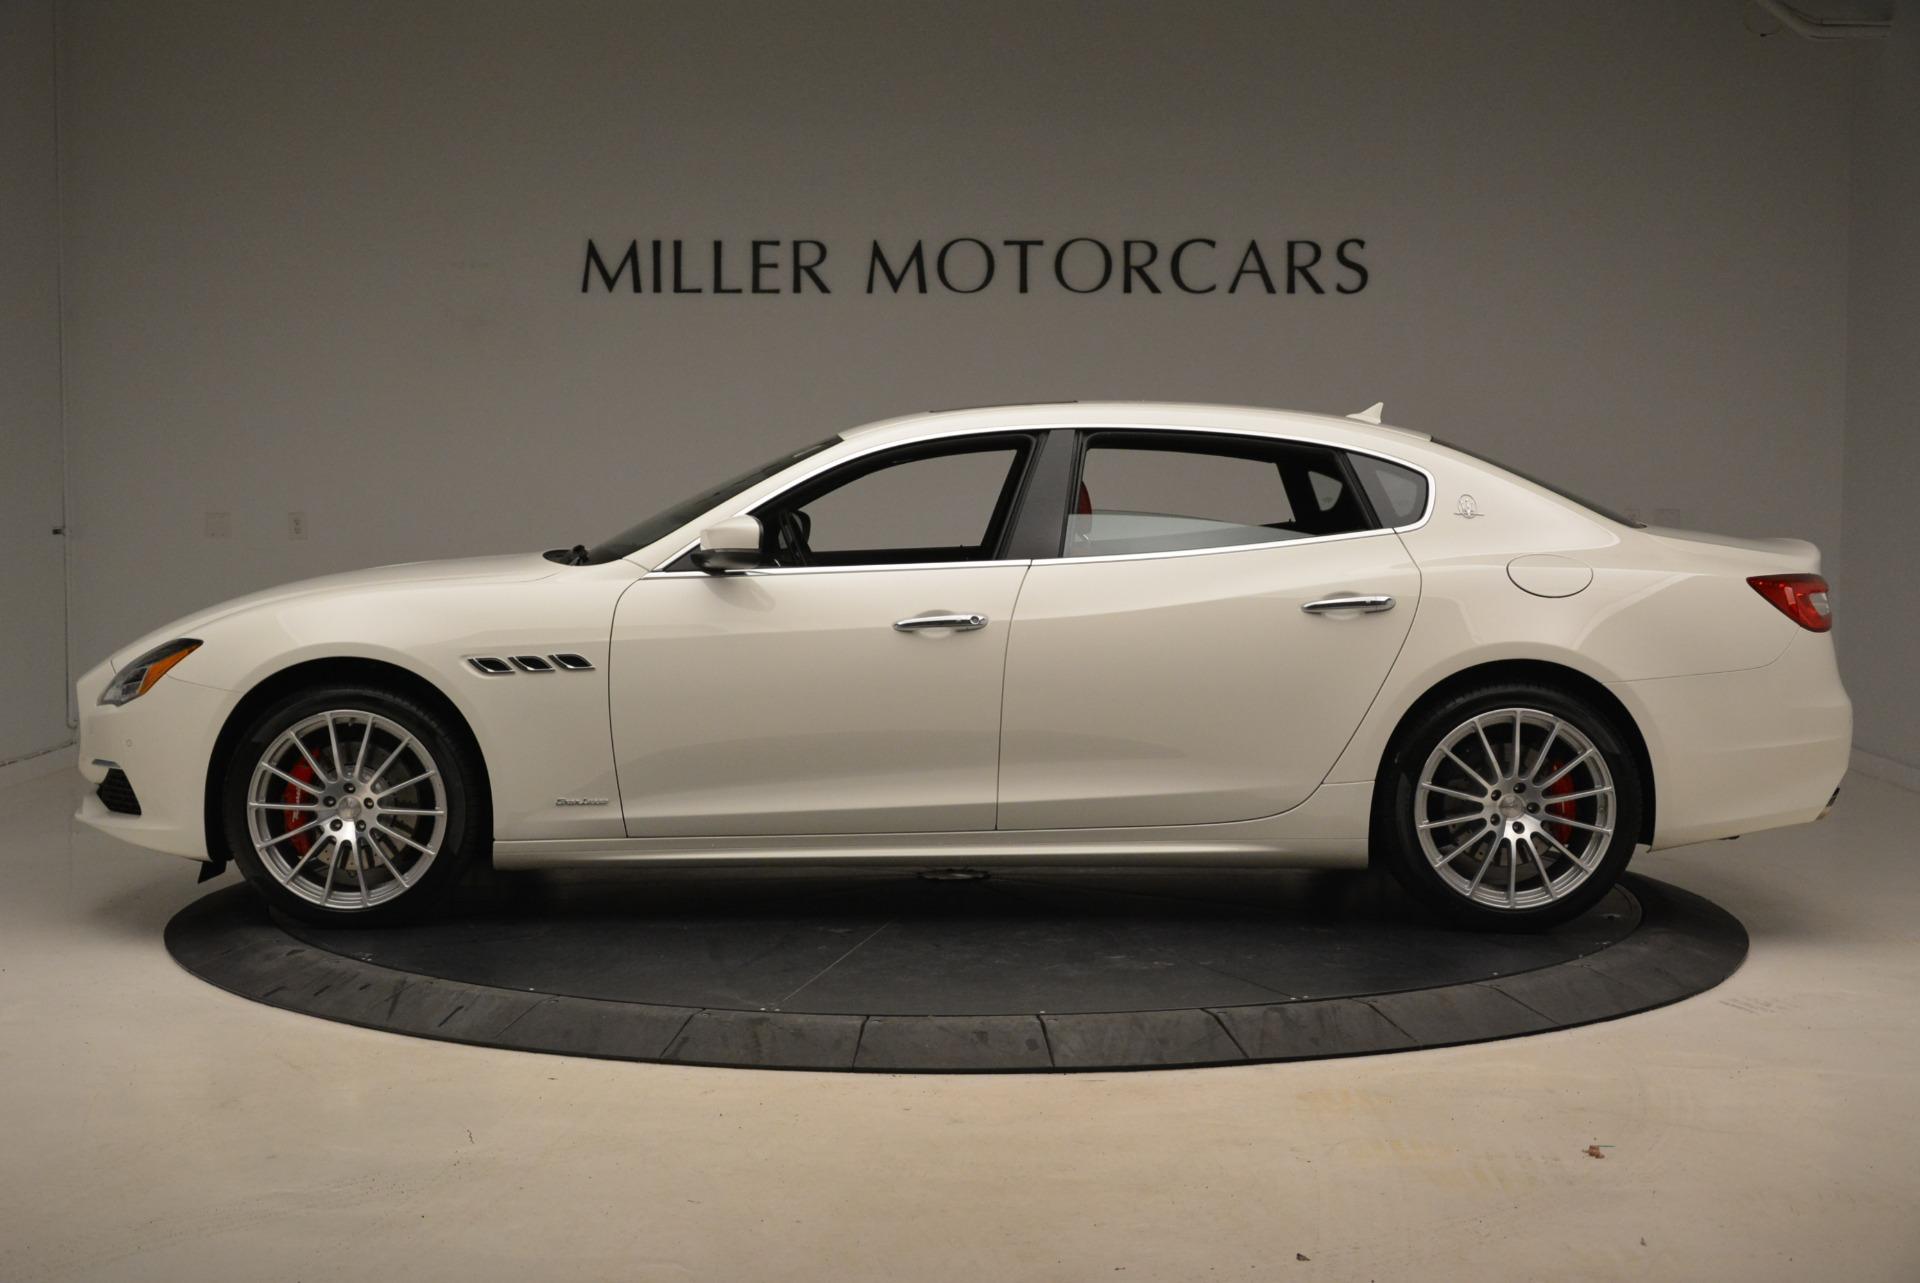 New 2018 Maserati Quattroporte S Q4 GranLusso For Sale In Greenwich, CT 2085_p4